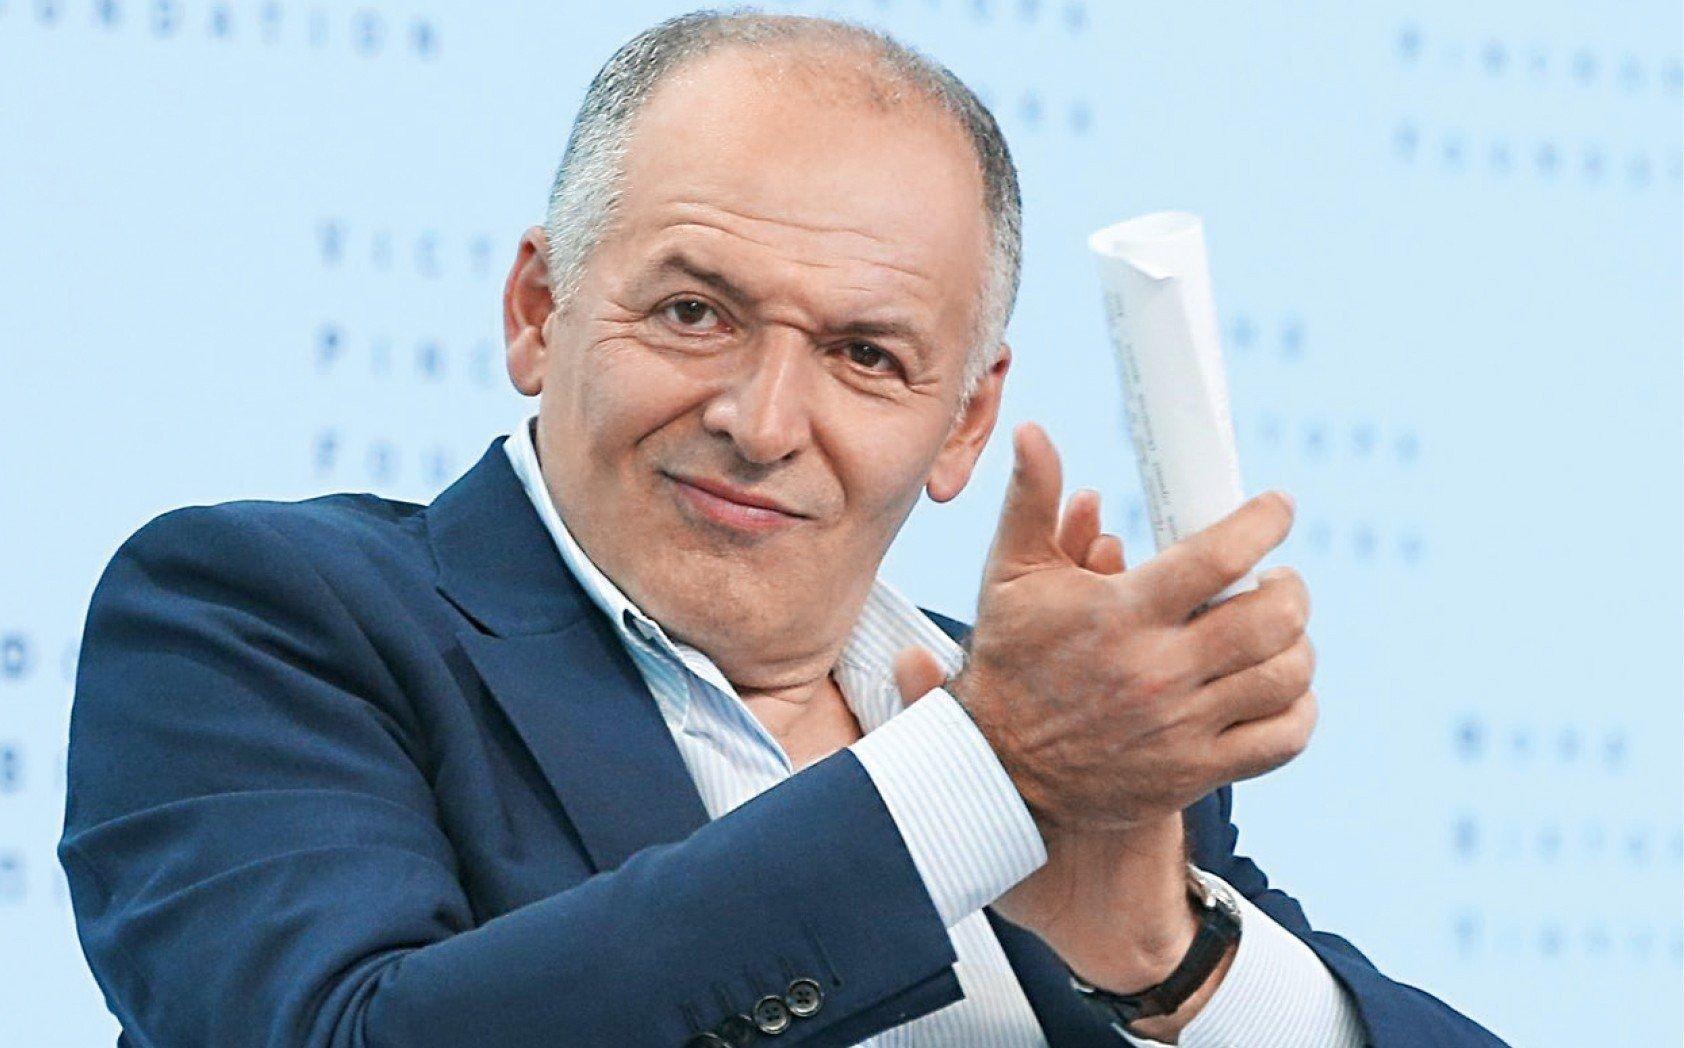 Крупнейший олигарх Украины распродает активы: что происходит